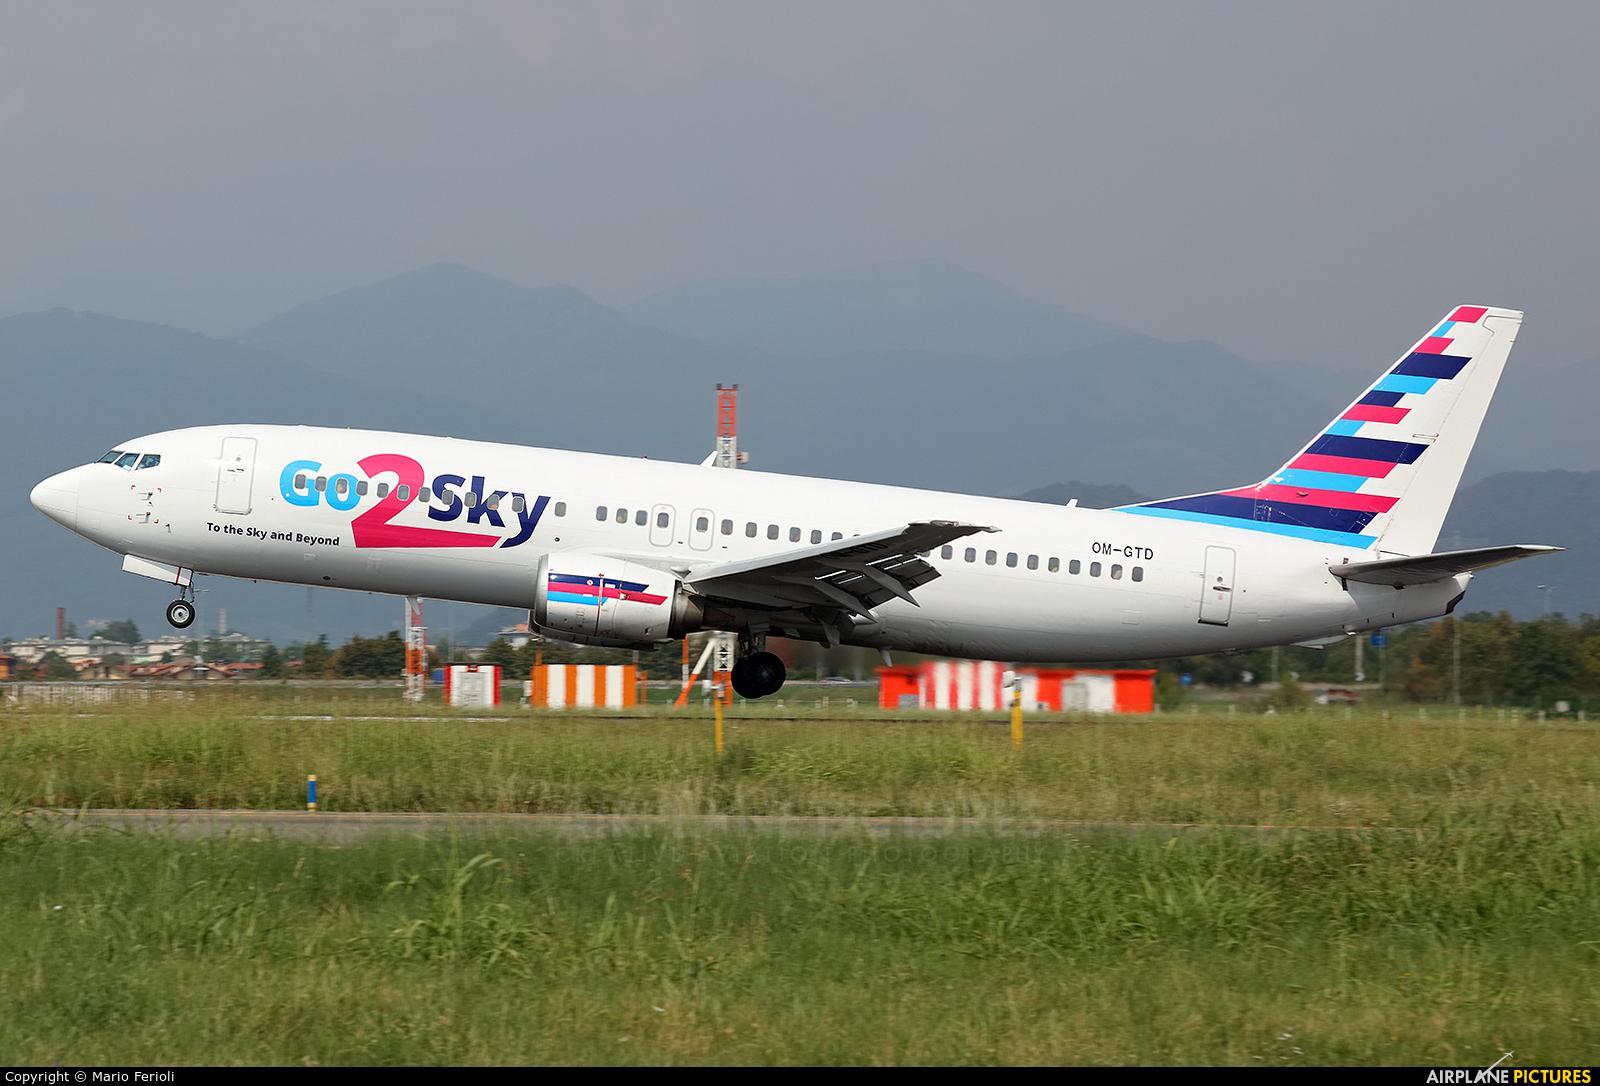 Go2Sky Airline OM-GTD aircraft at Bergamo - Orio al Serio